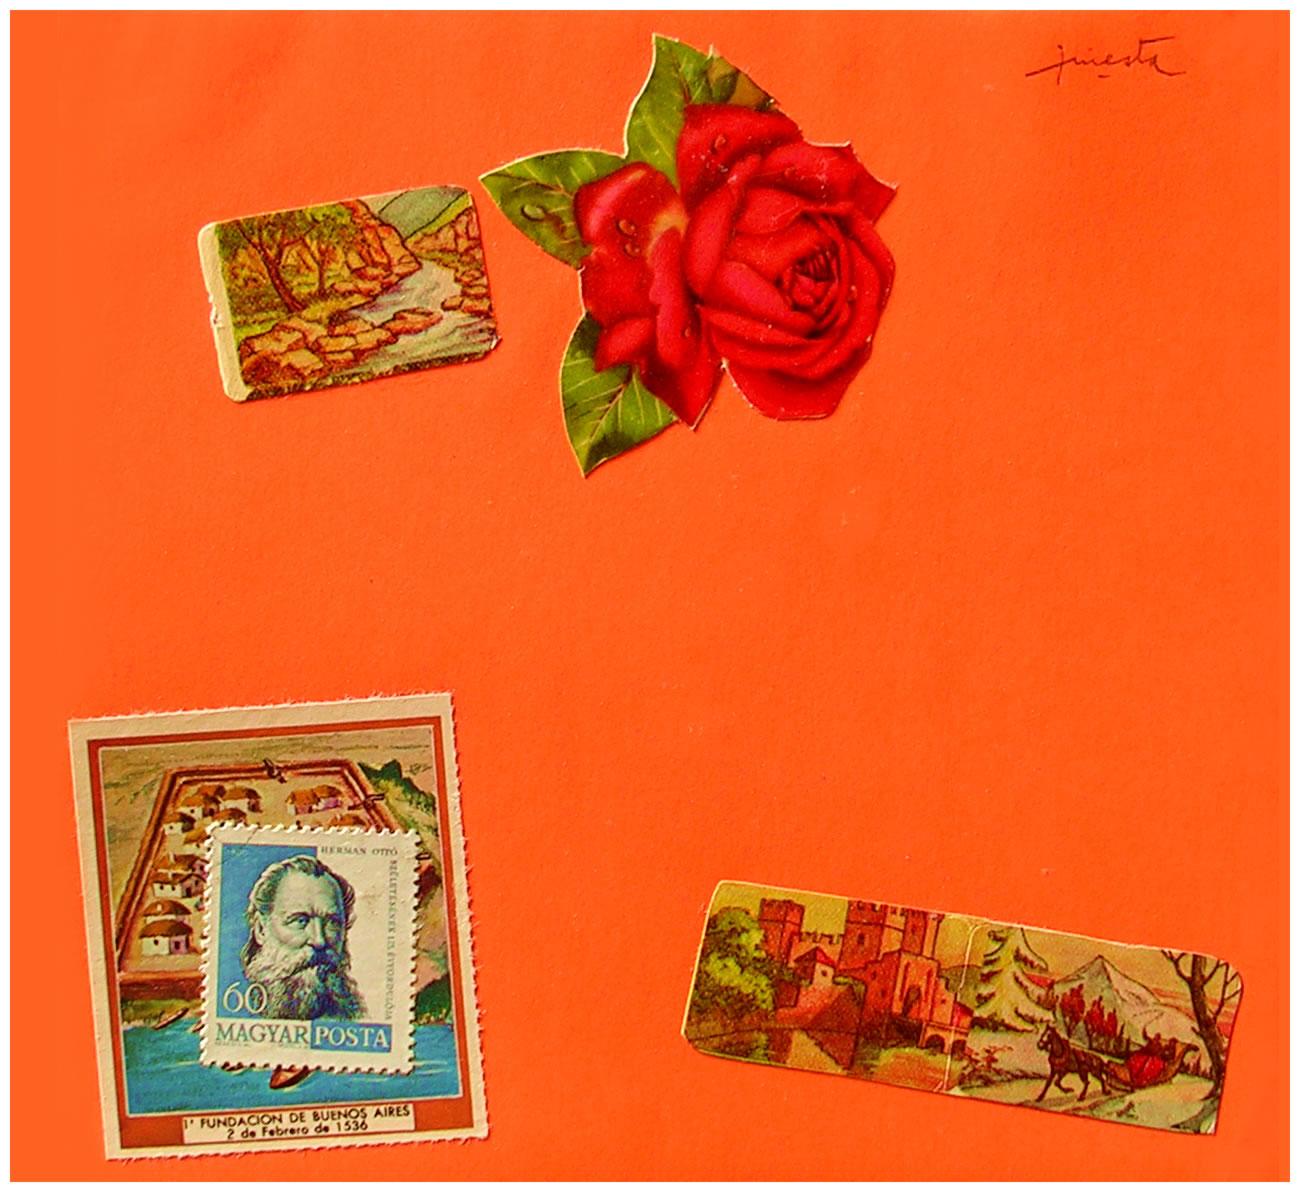 Fundación de Buenos Aires,  papel collage, 15 cm x 15 cm, 1999